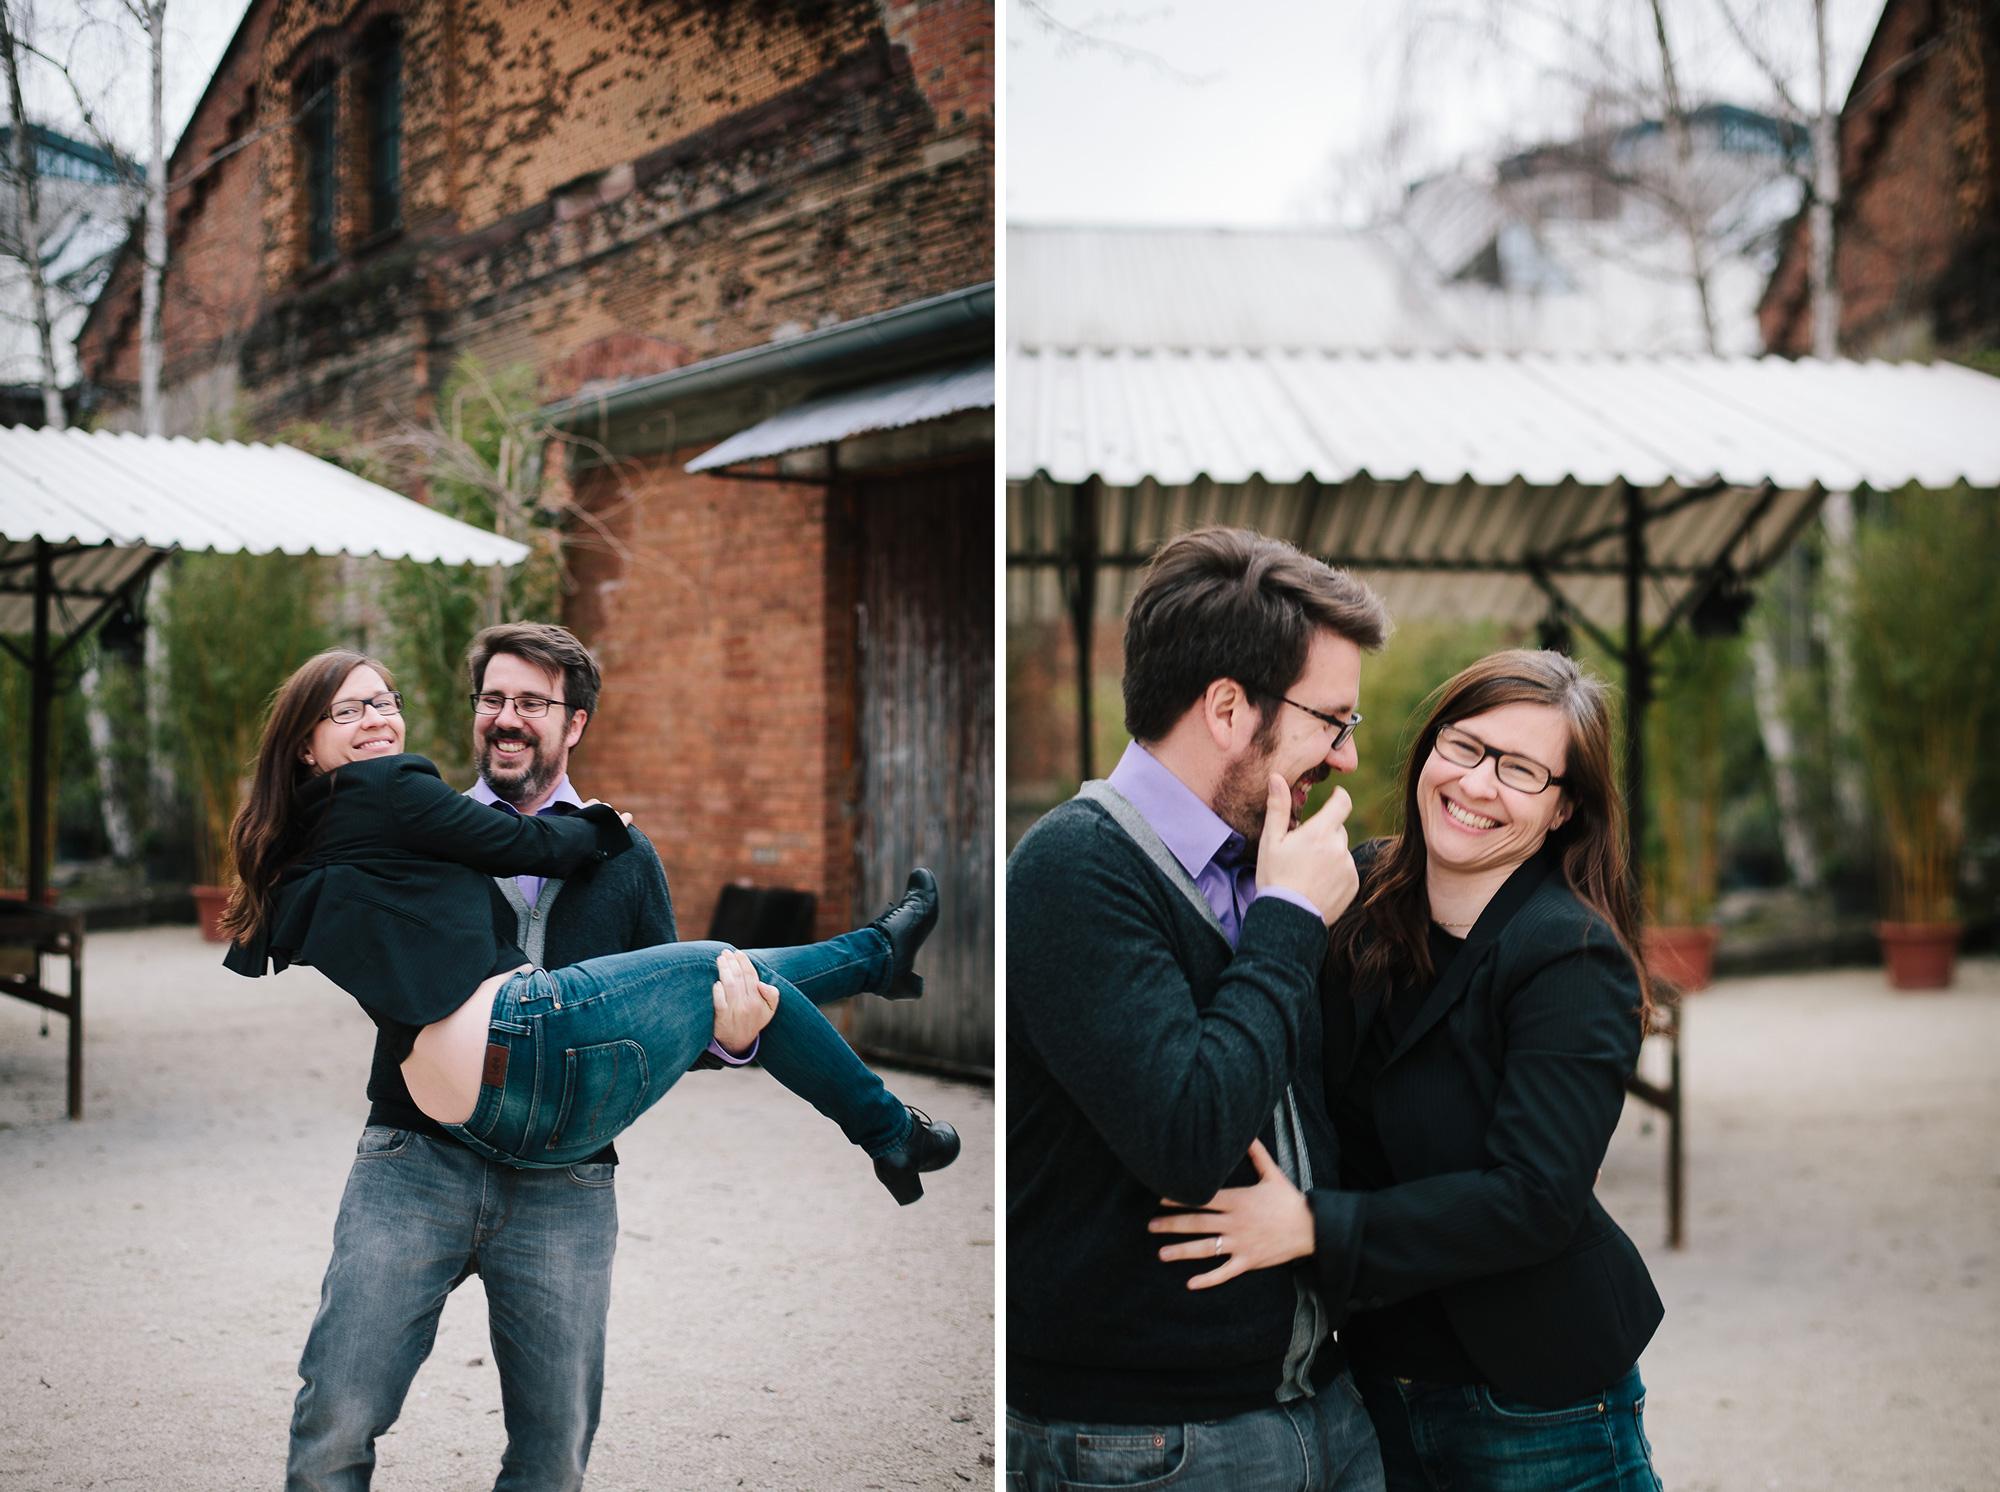 Verena-und-Rainer-Engagement-Foto-Avec-Amis-28